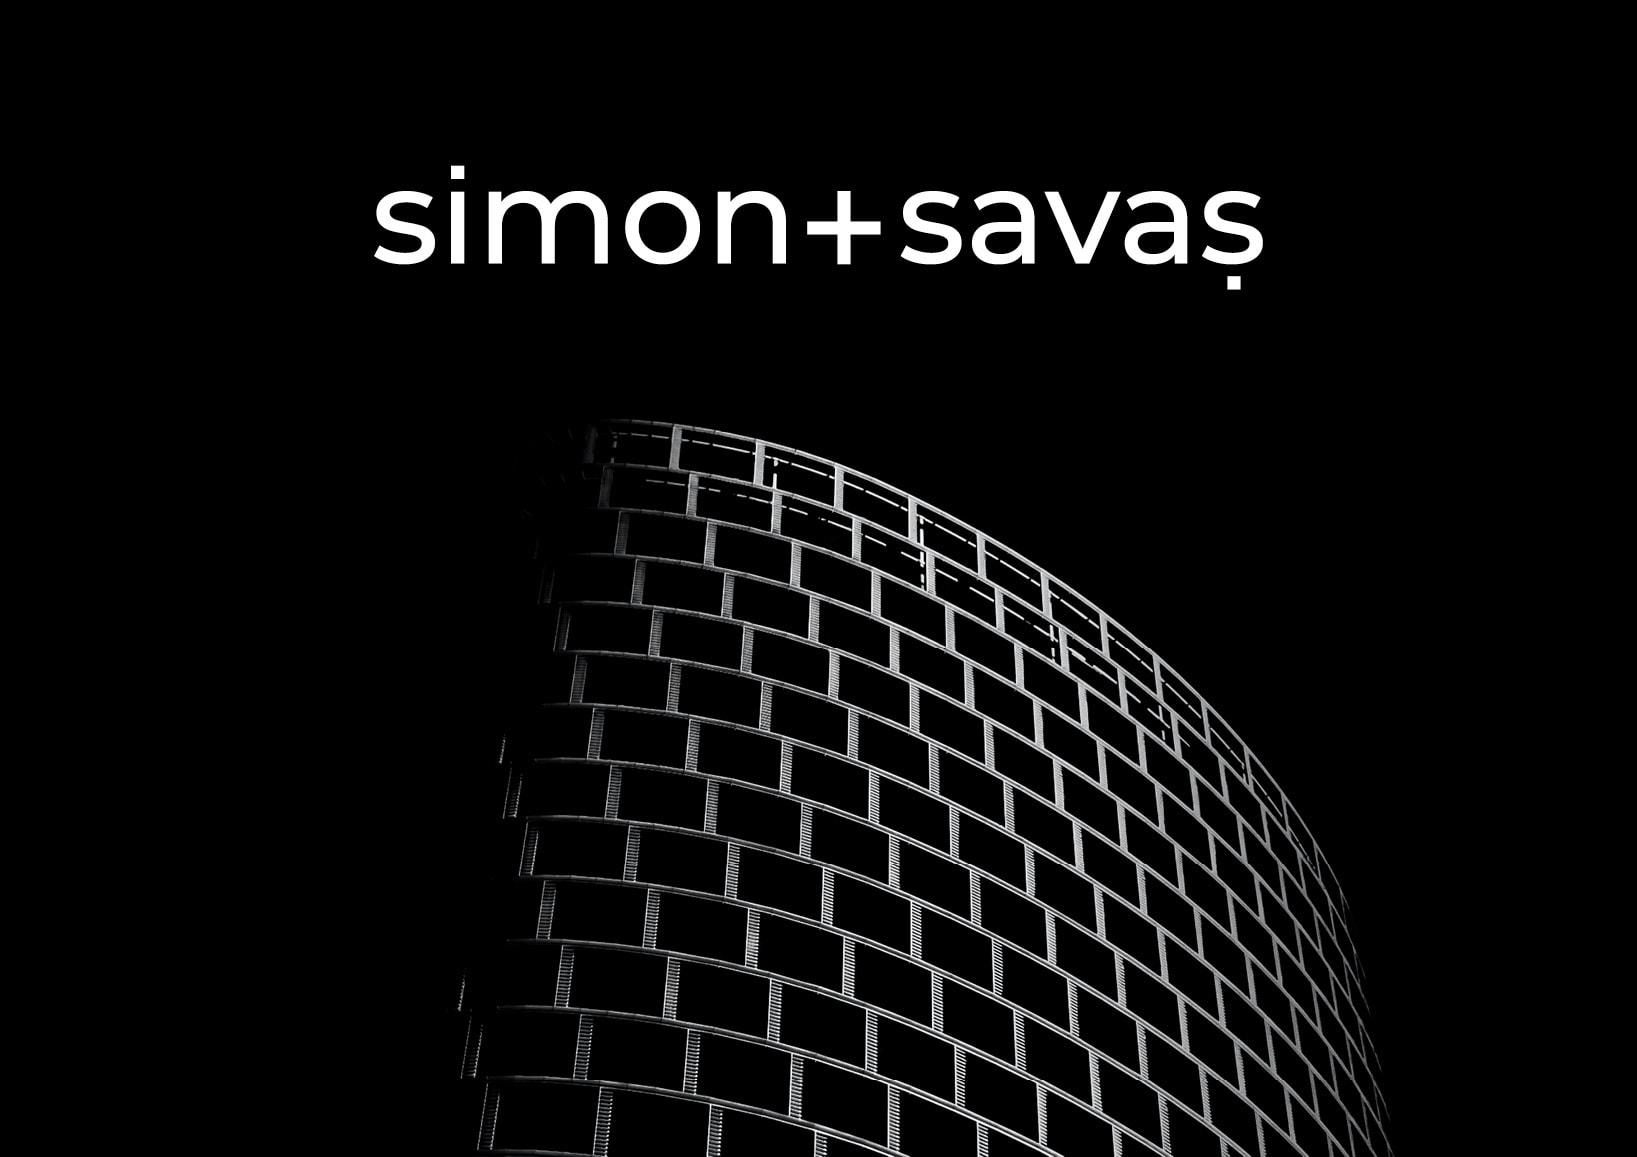 Corporate Design für Ingenieurgesellschaft und Unternehmensberatung Dr. Simon + Savaş Ingenieurgesellschaft mbH durch Ronald Wissler Visuelle Kommunikation